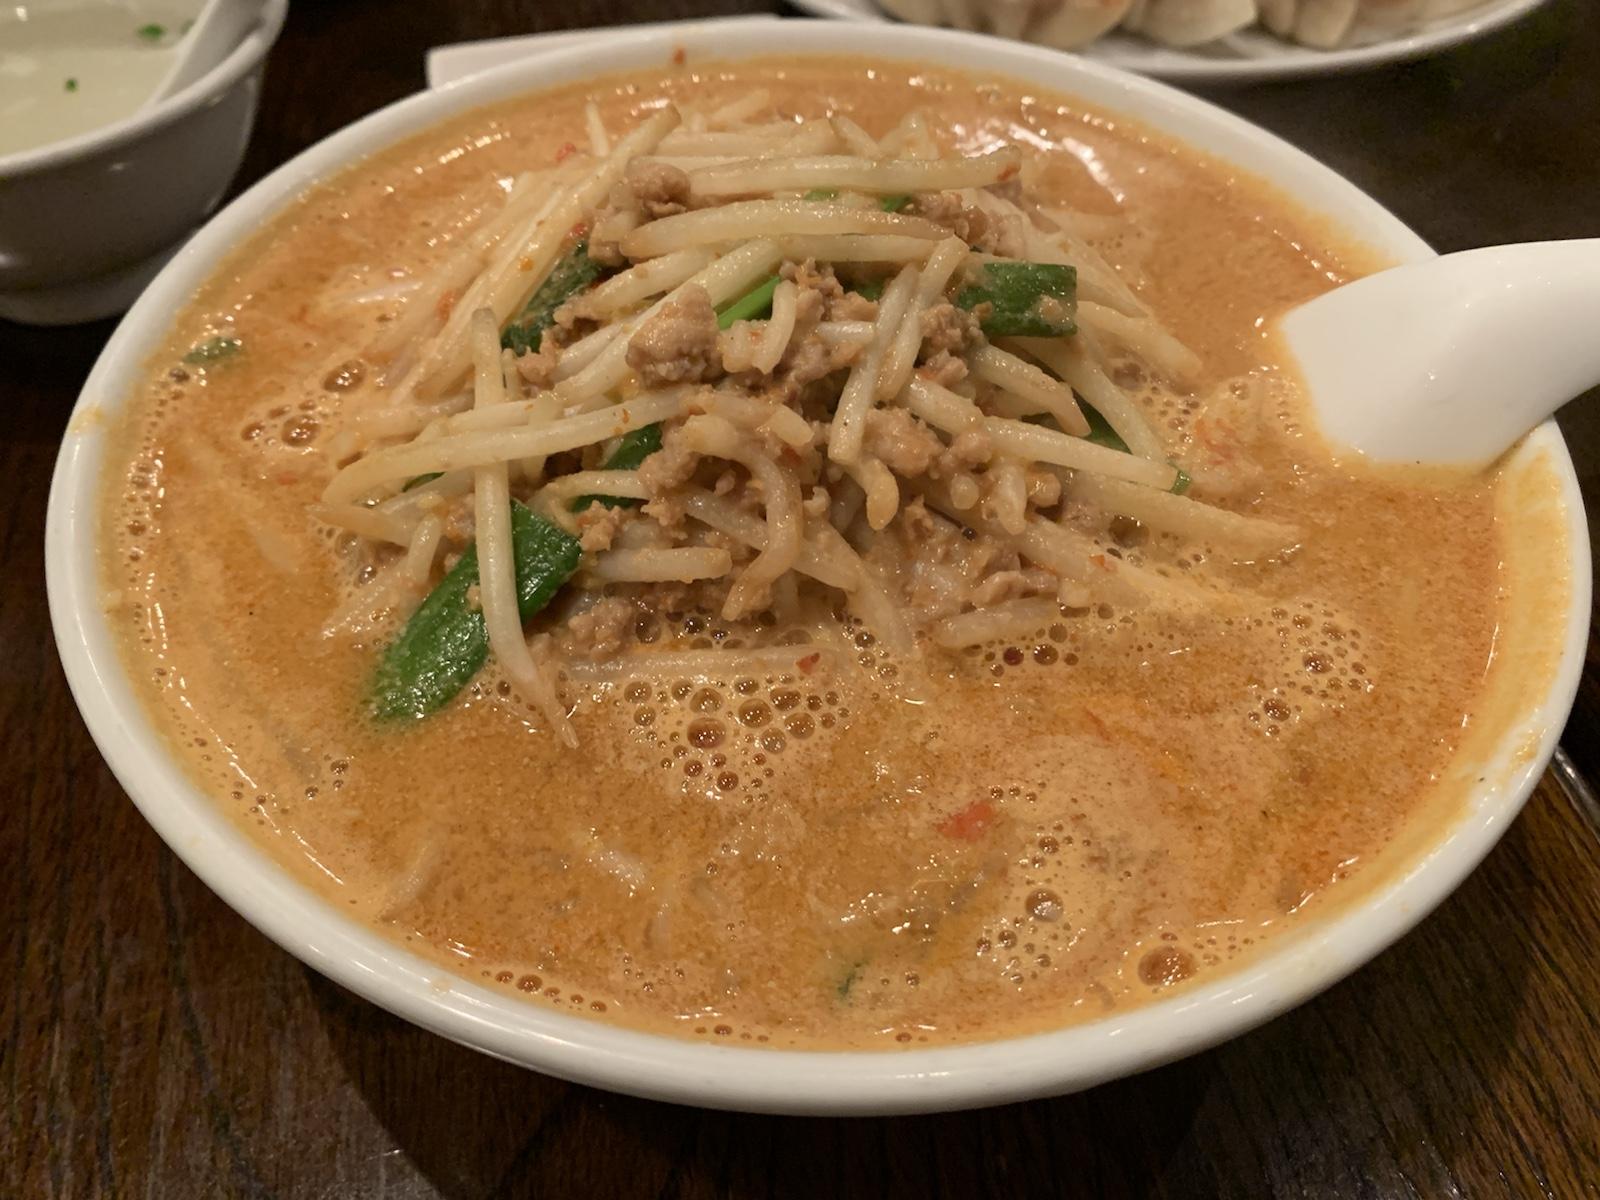 担々麺 リトル泰興楼 Fei店